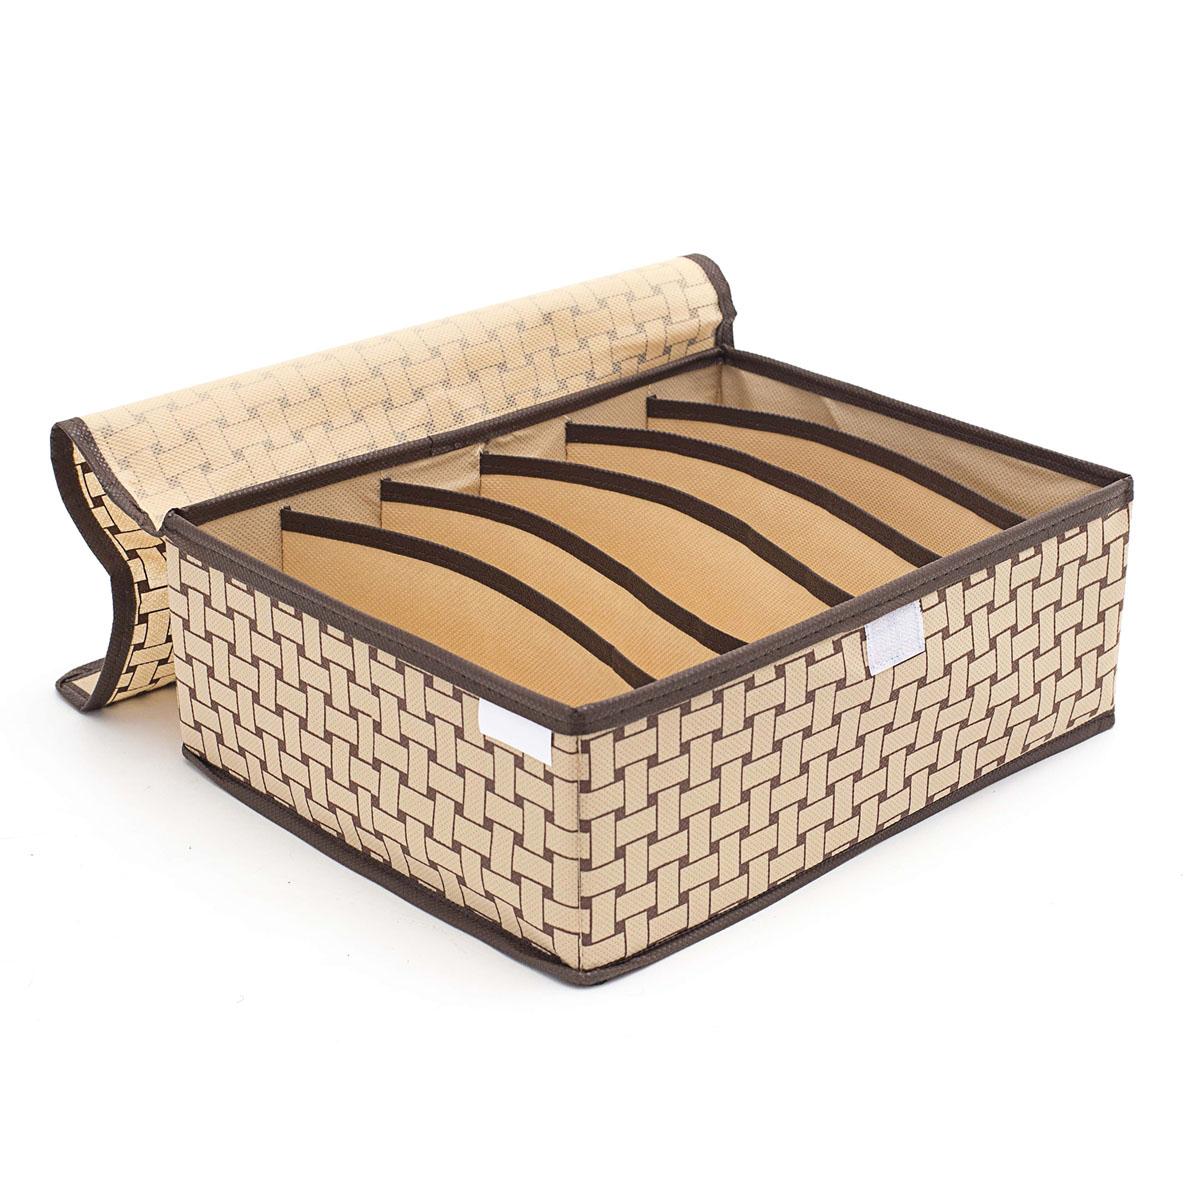 Органайзер для хранения вещей Homsu Pletenka, с крышкой, 6 секций, 31 х 24 х 11 см28907 4Компактный органайзер Homsu Pletenka изготовлен из высококачественного полиэстера, который обеспечивает естественную вентиляцию. Материал позволяет воздуху свободно проникать внутрь, но не пропускает пыль. Органайзер отлично держит форму, благодаря вставкам из плотного картона. Изделие имеет 6 квадратных секций для хранения нижнего белья, колготок, носков и другой одежды. Закрывается крышкой на молнии. Такой органайзер позволит вам хранить вещи компактно и удобно, а оригинальный дизайн сделает вашу гардеробную красивой и невероятно стильной.